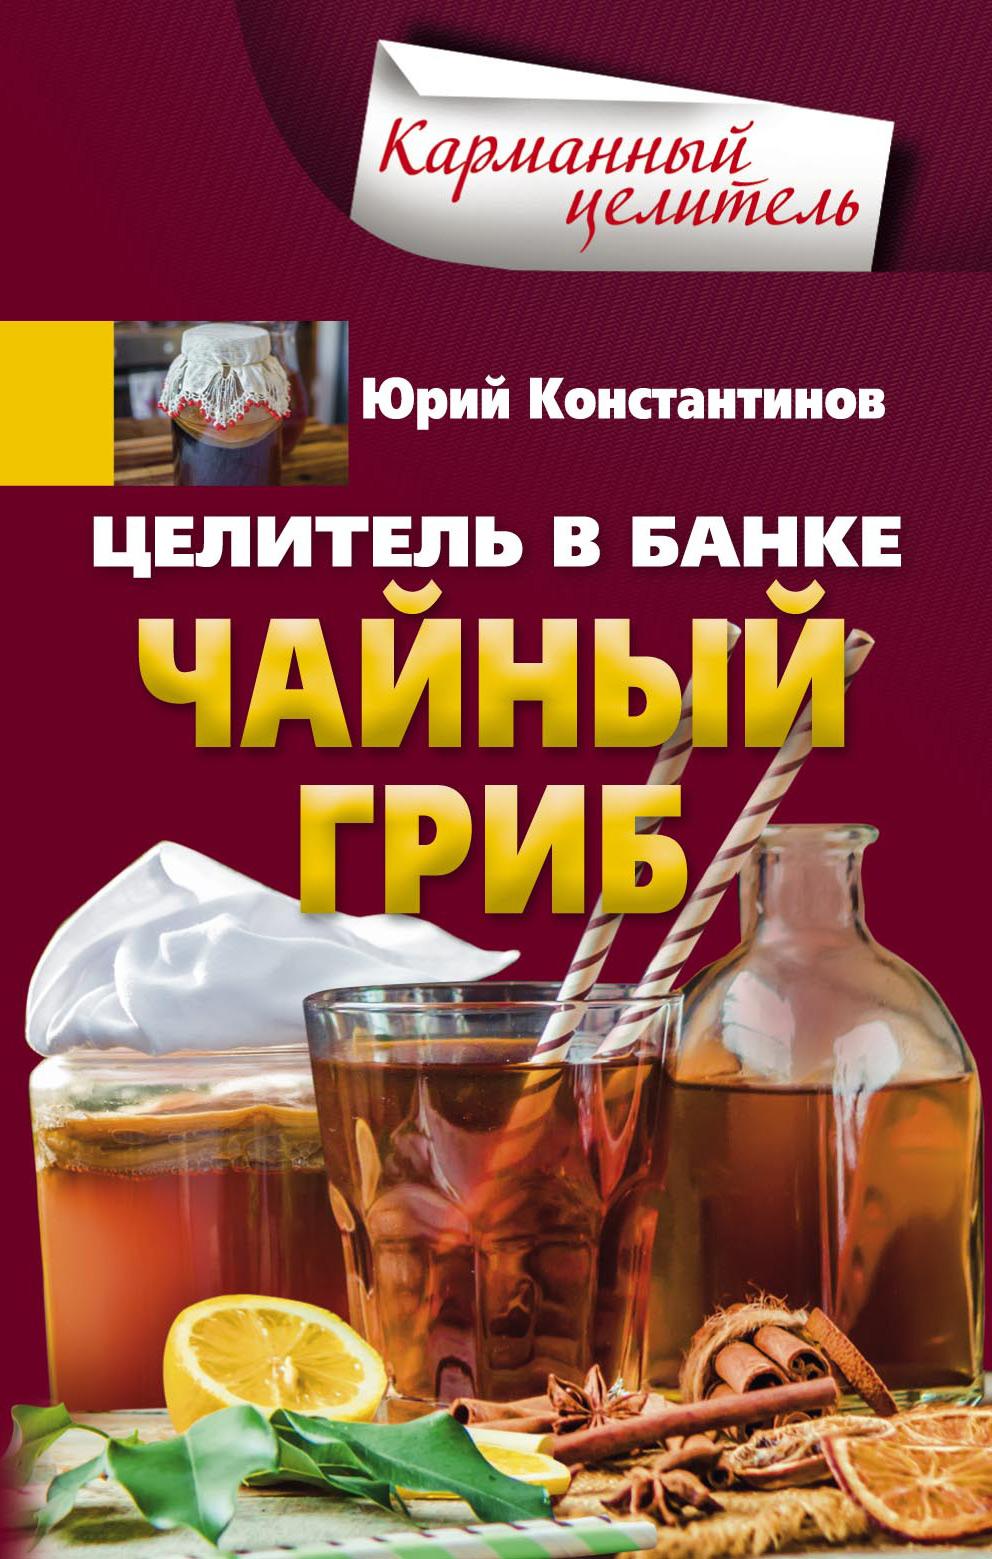 Юрий Константинов Целитель в банке. Чайный гриб